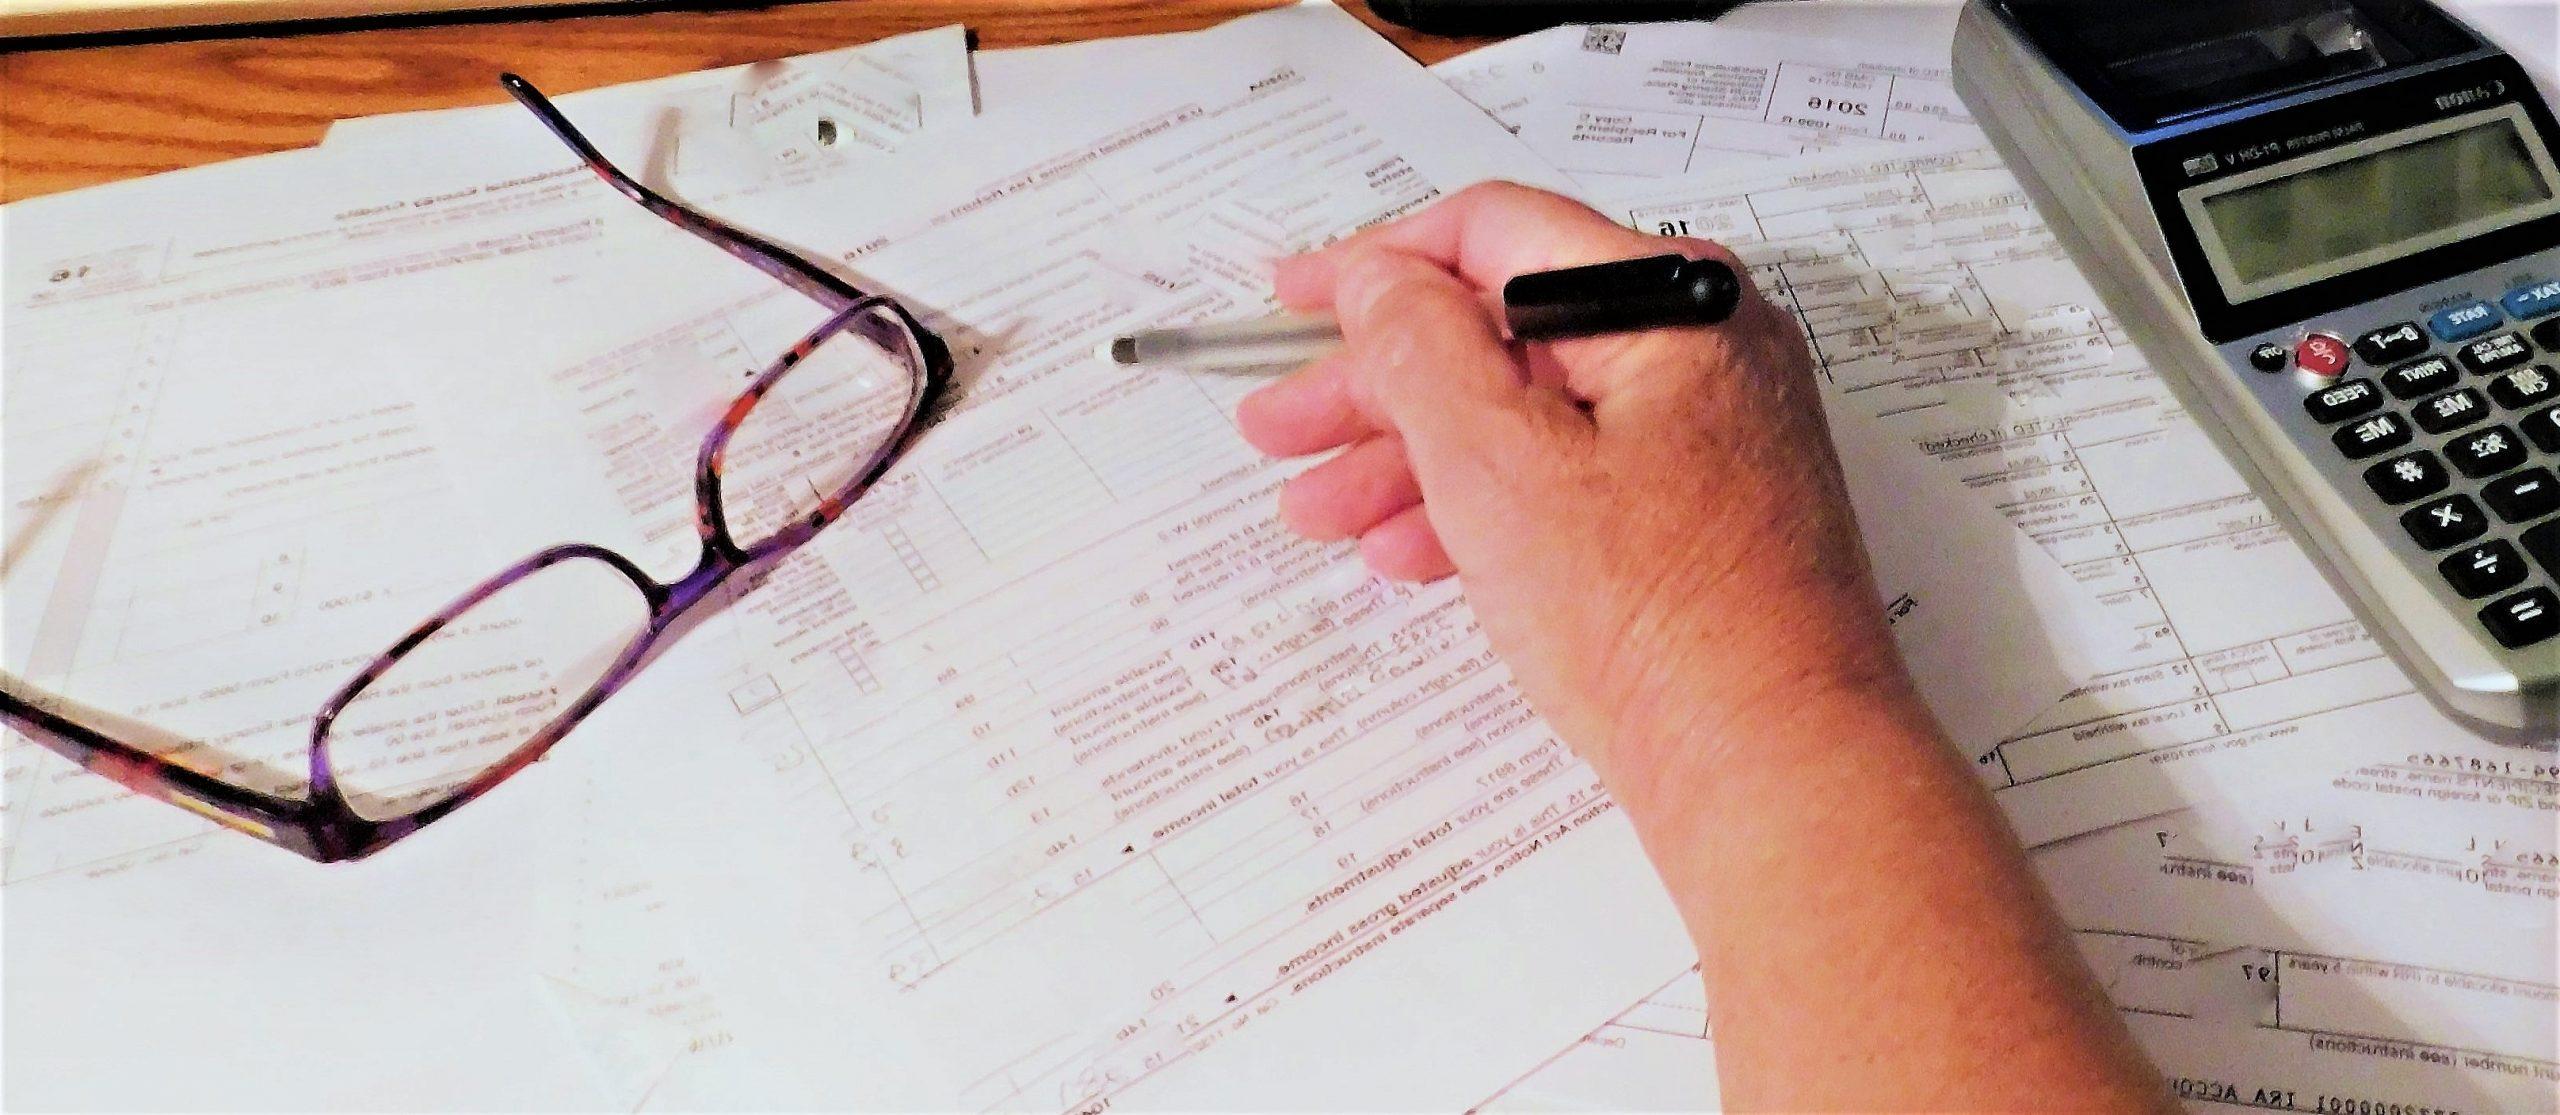 Imposto de renda de ETF - foto de uma mão segurando uma caneta fazendo cálculos de imposto sobre folhas de papel. Existem um óculos e uma calculadora em cima dos papéis.